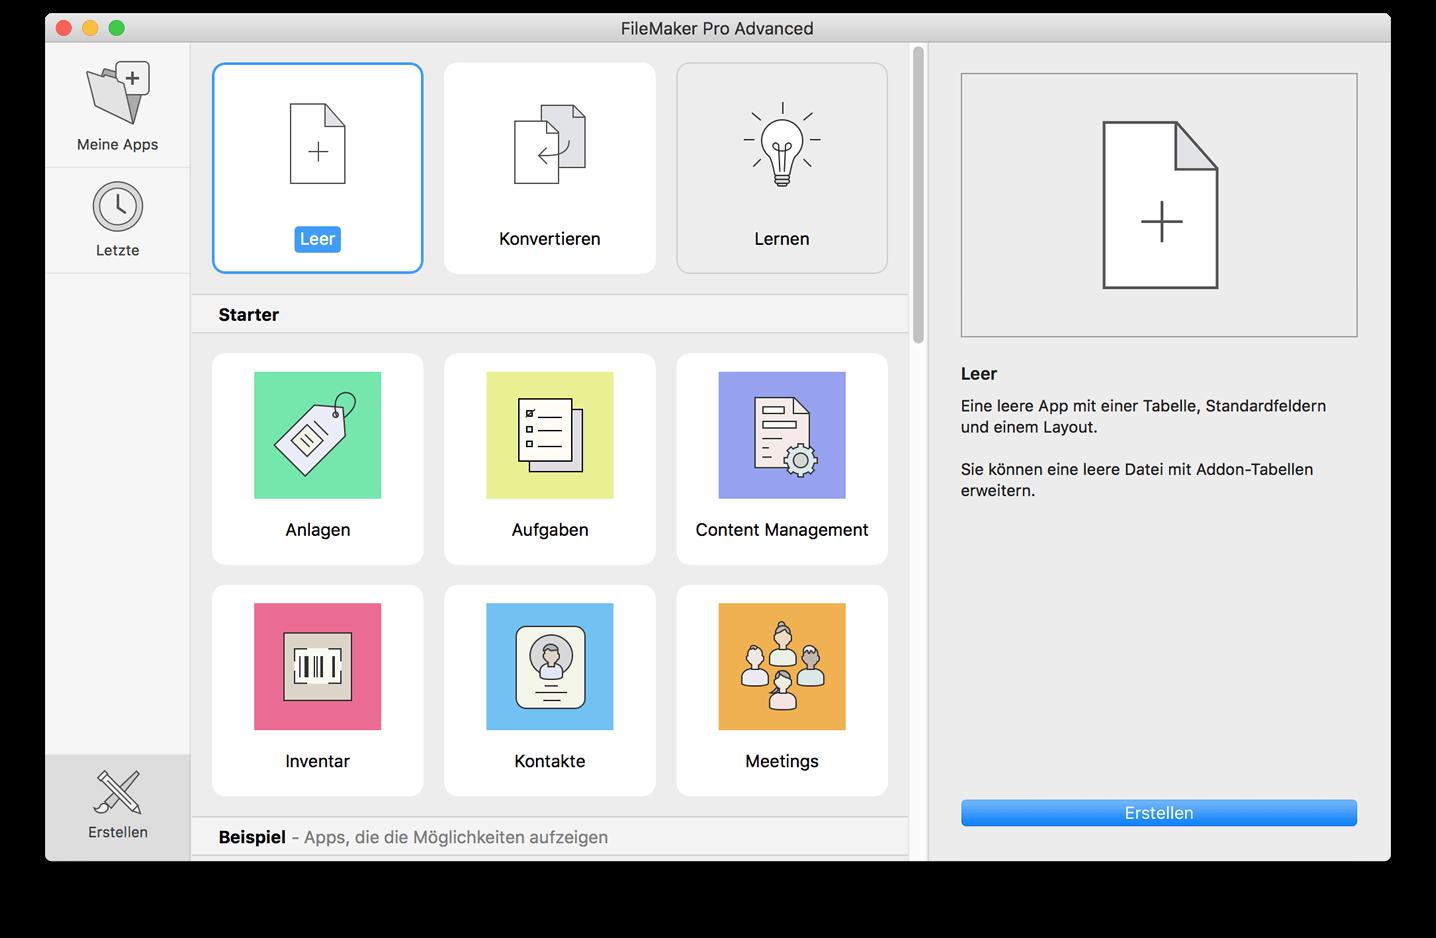 FileMaker Pro Advanced 17 für Mac und Windows